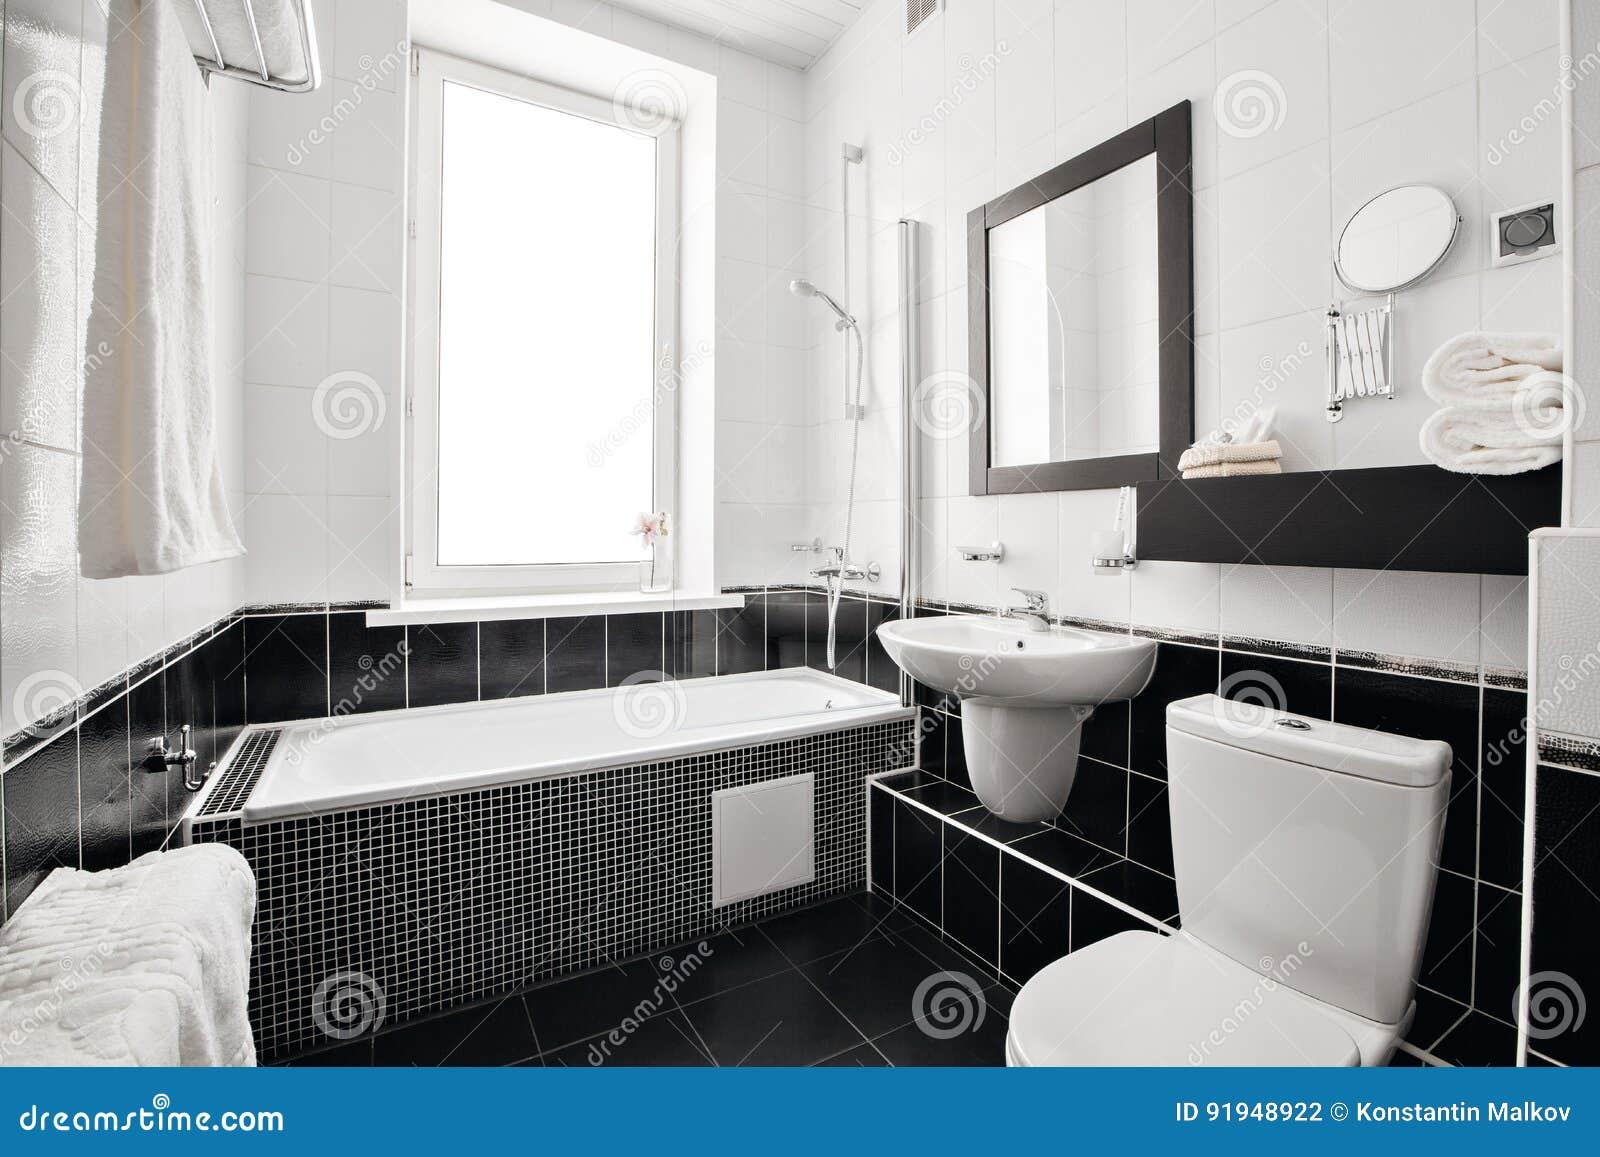 Bagni Di Lusso Moderni bagno di lusso moderno con la vasca e la finestra interior